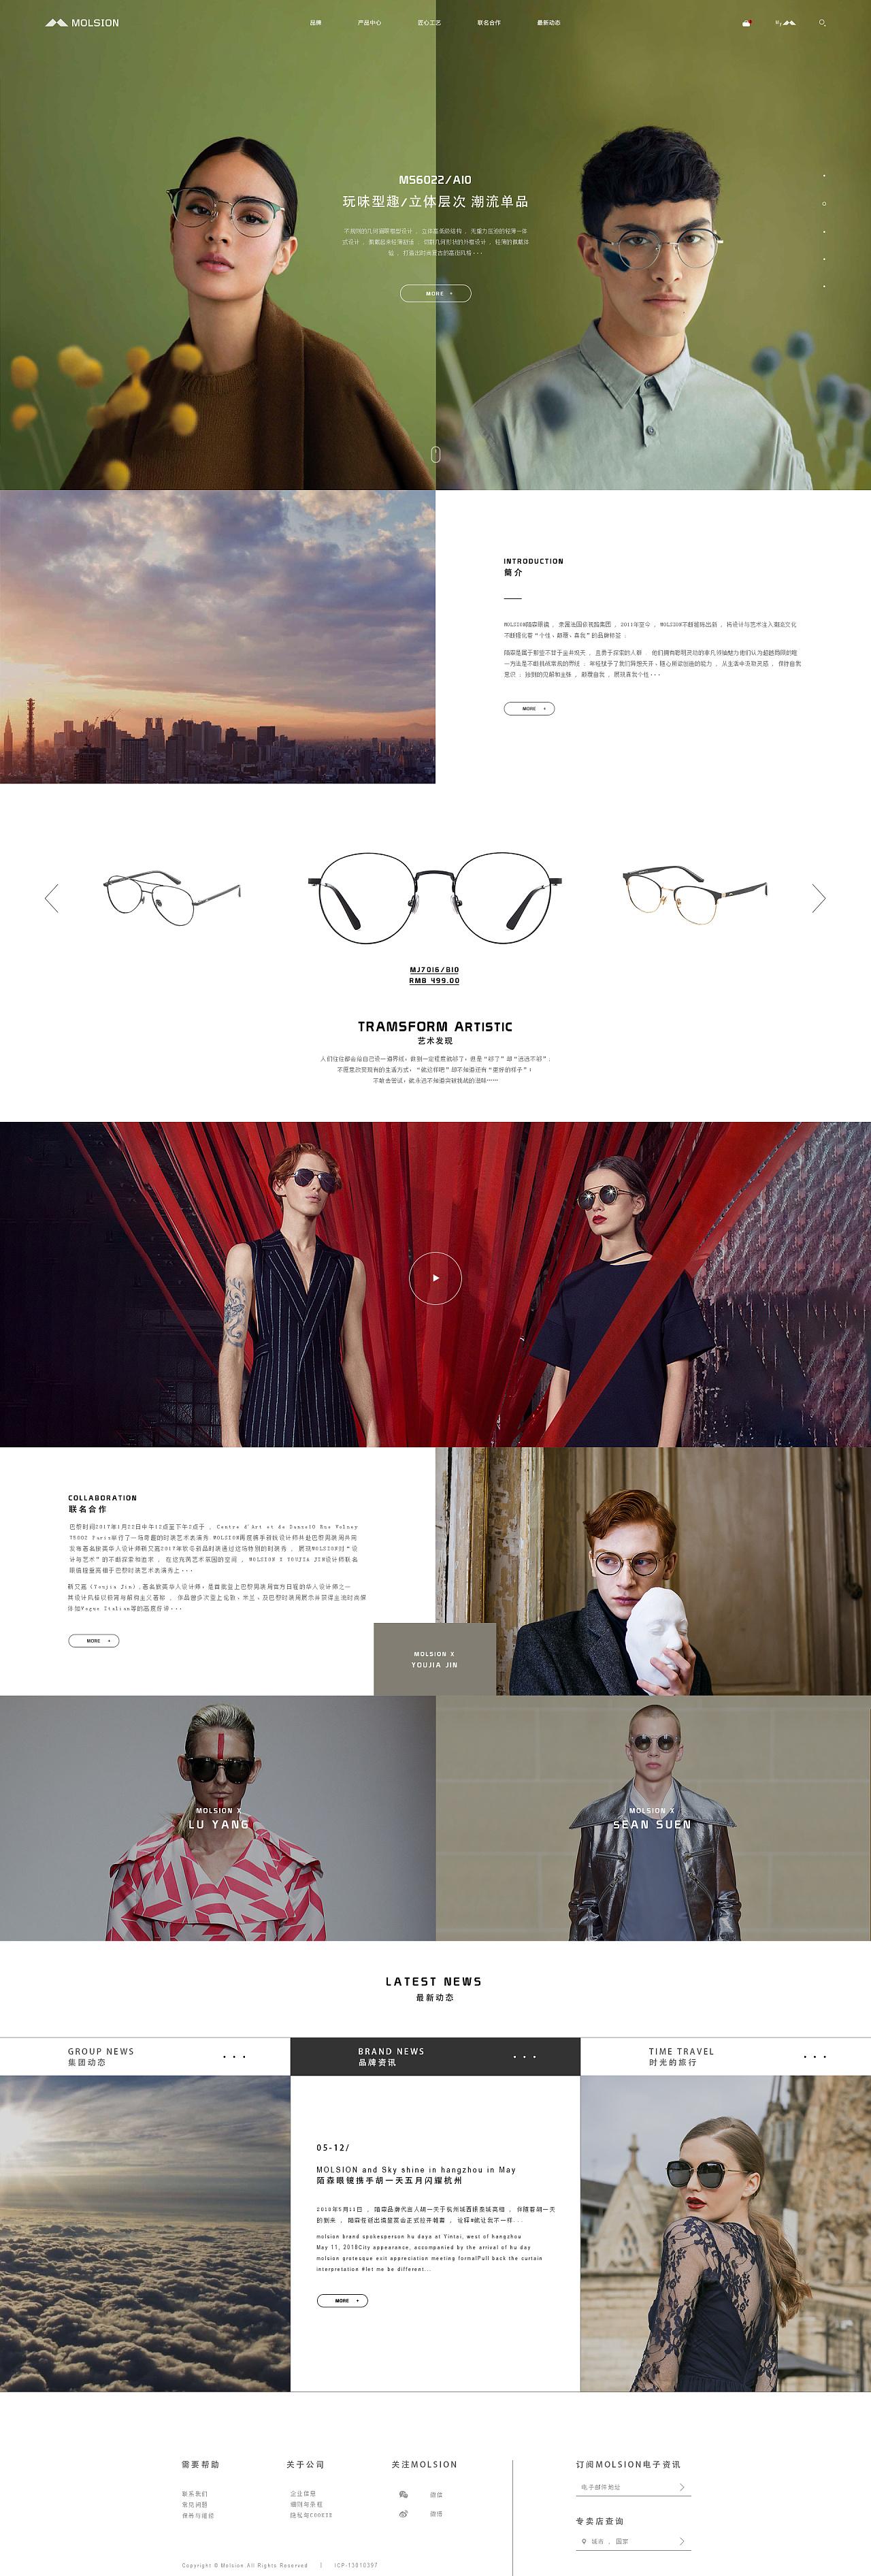 陌森官网_陌森眼镜(响应式网站)时尚|网页|企业官网|我式真的不想取 ...